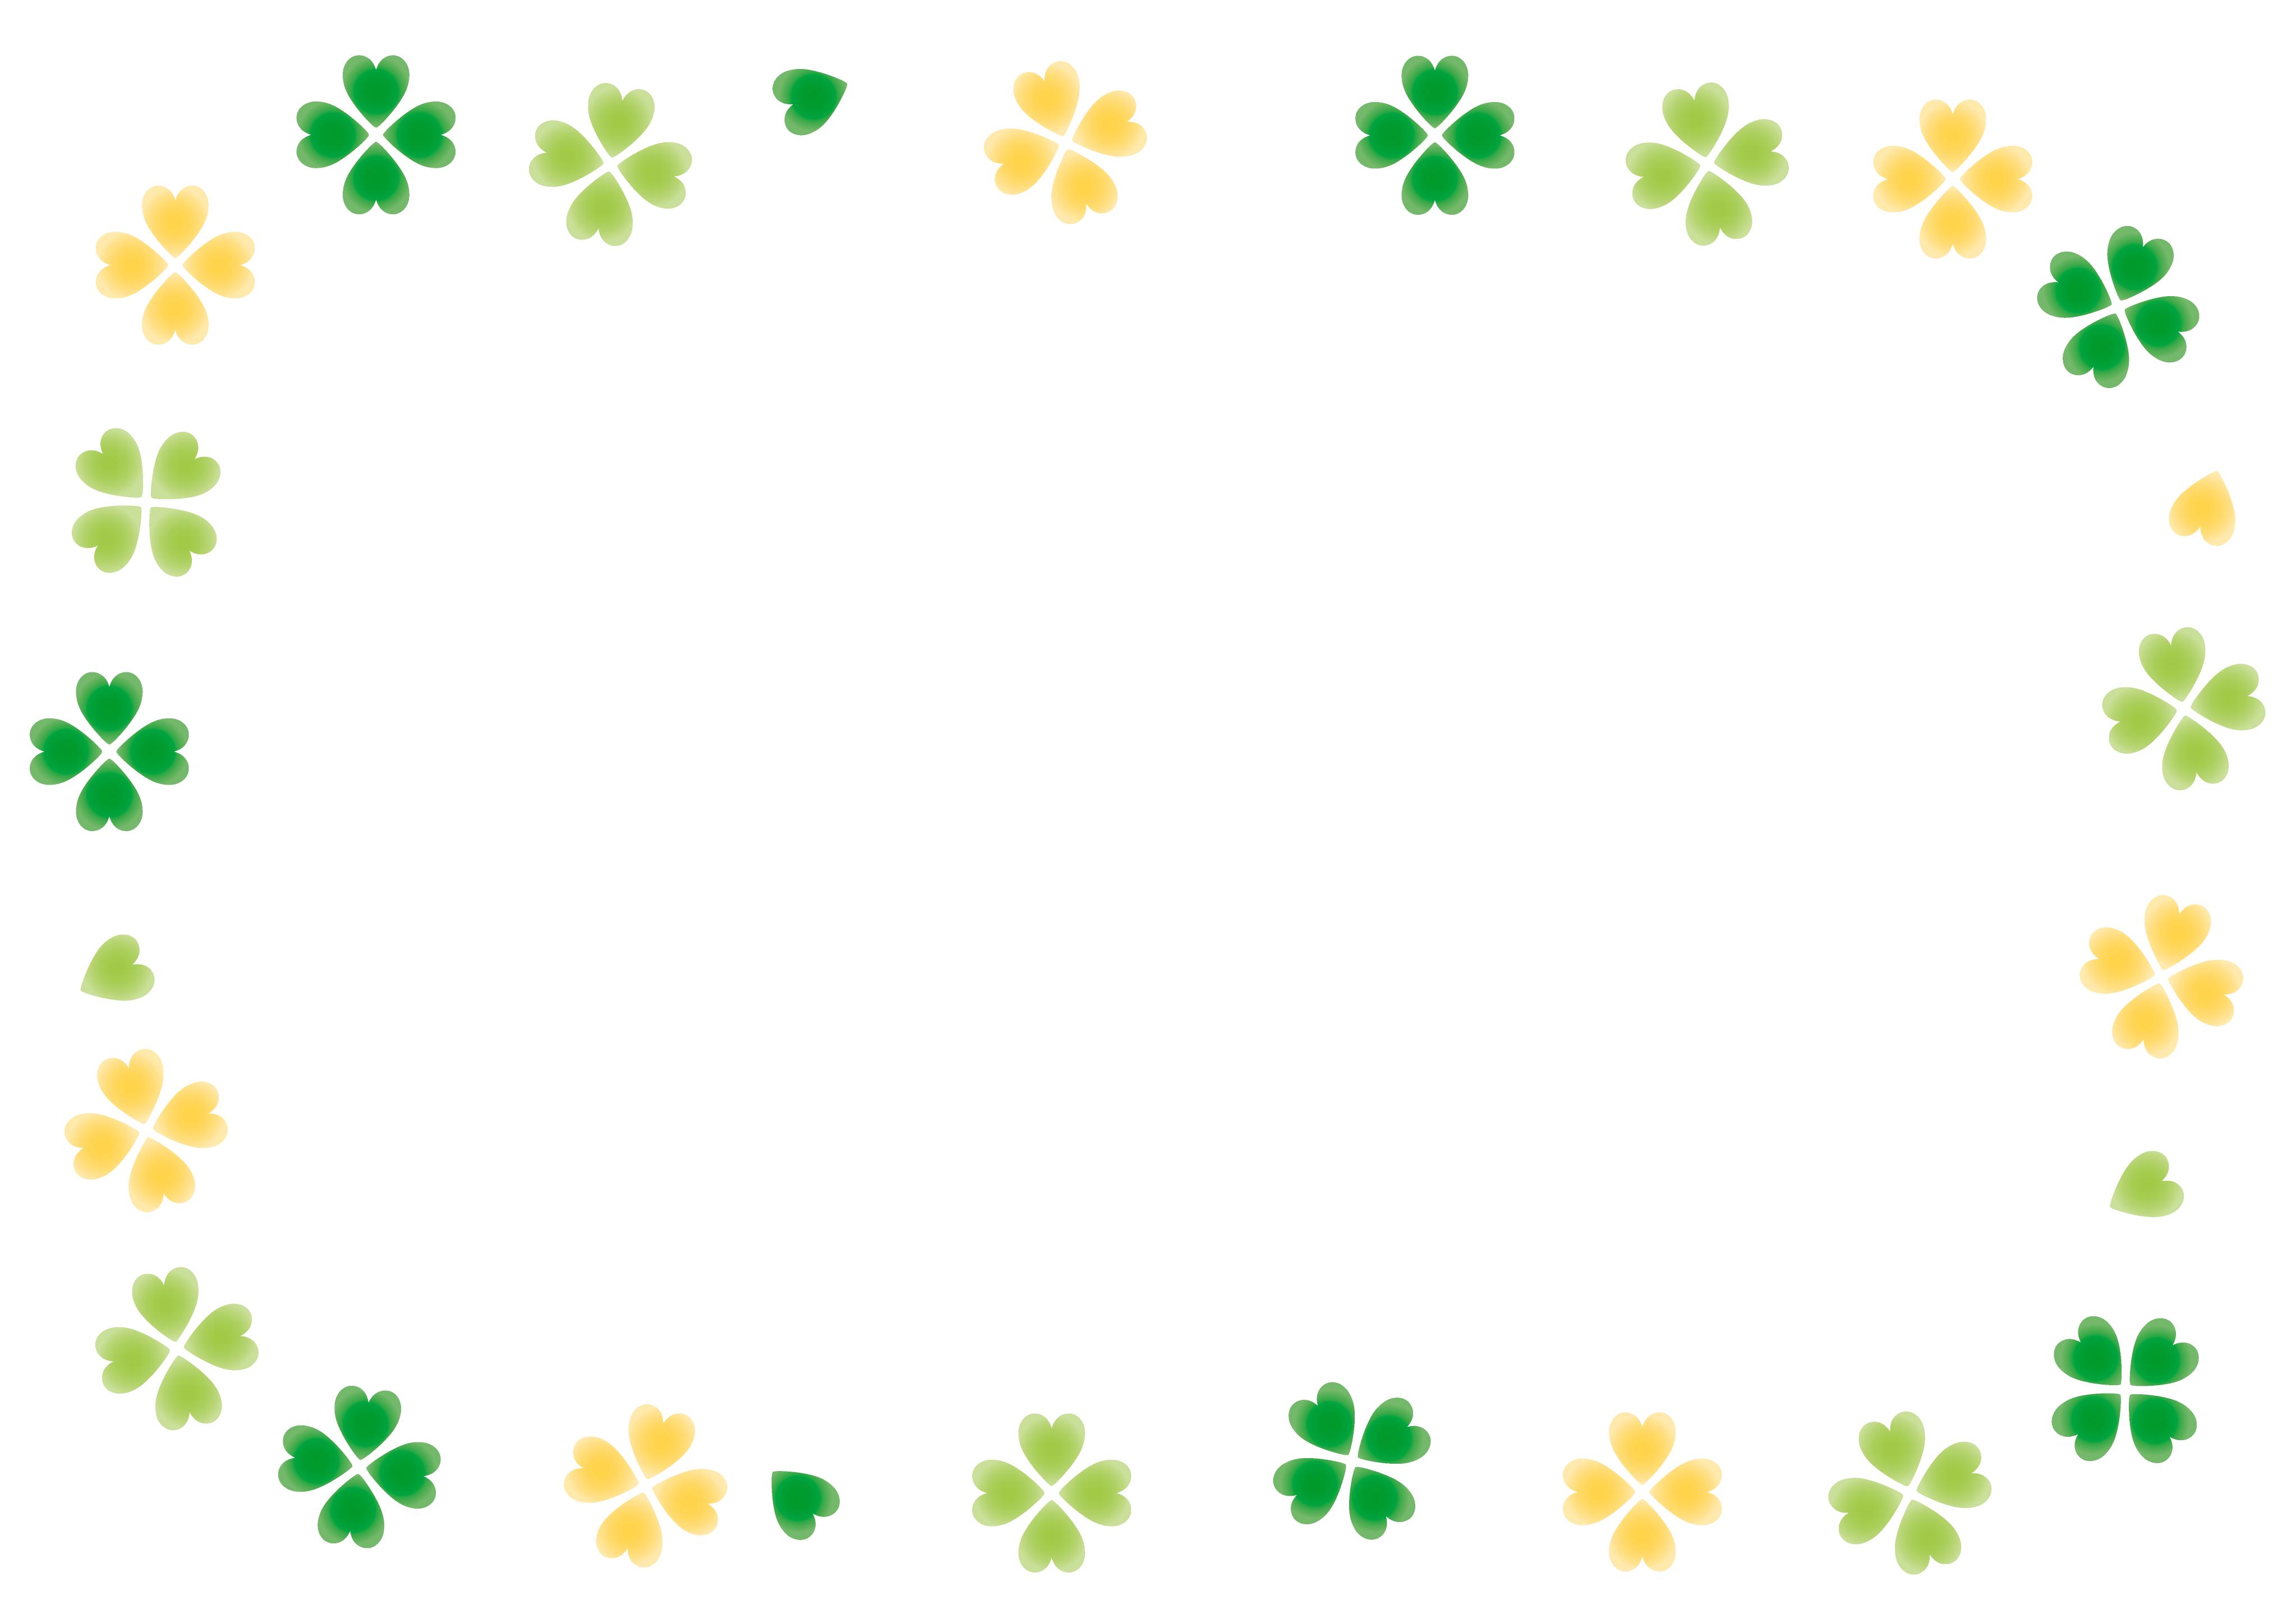 メッセージカード枠(png画像)クローバー ,6